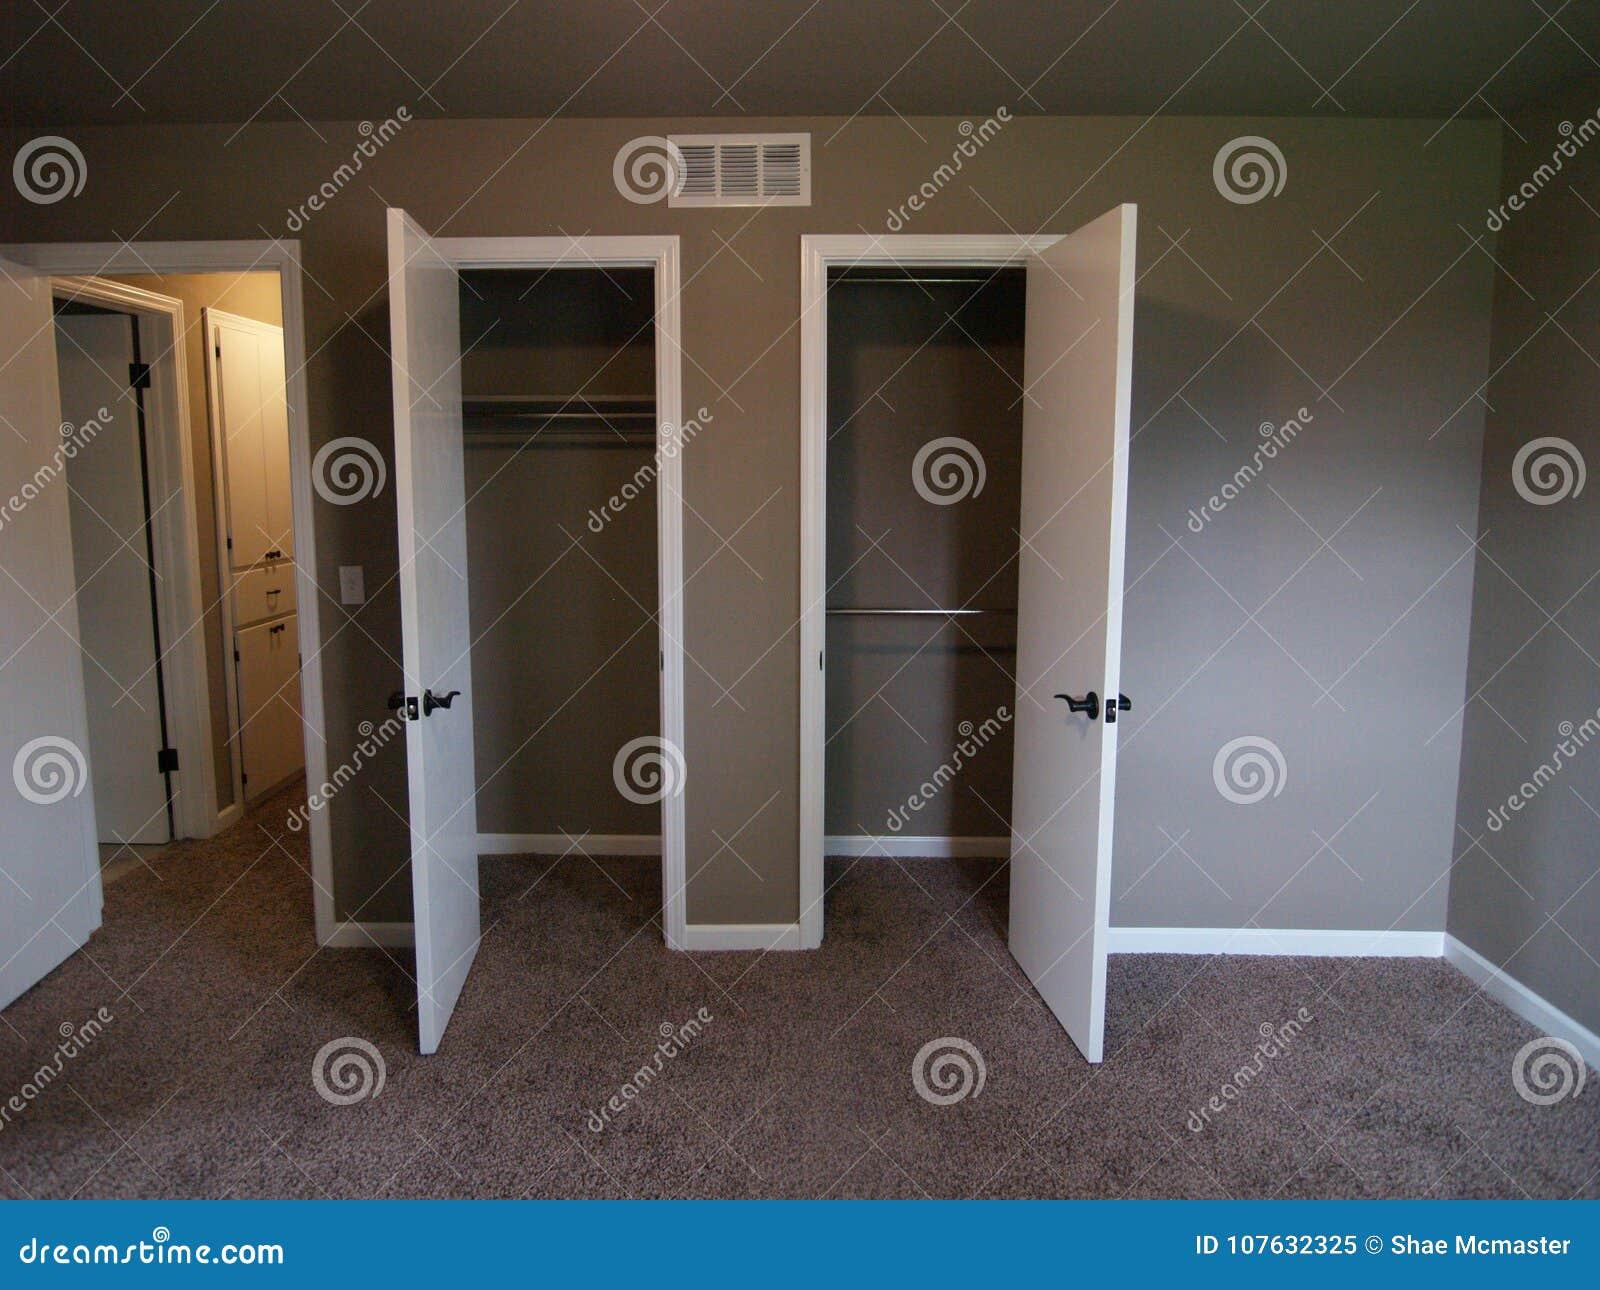 Closet Doors in Bedroom of Empty House